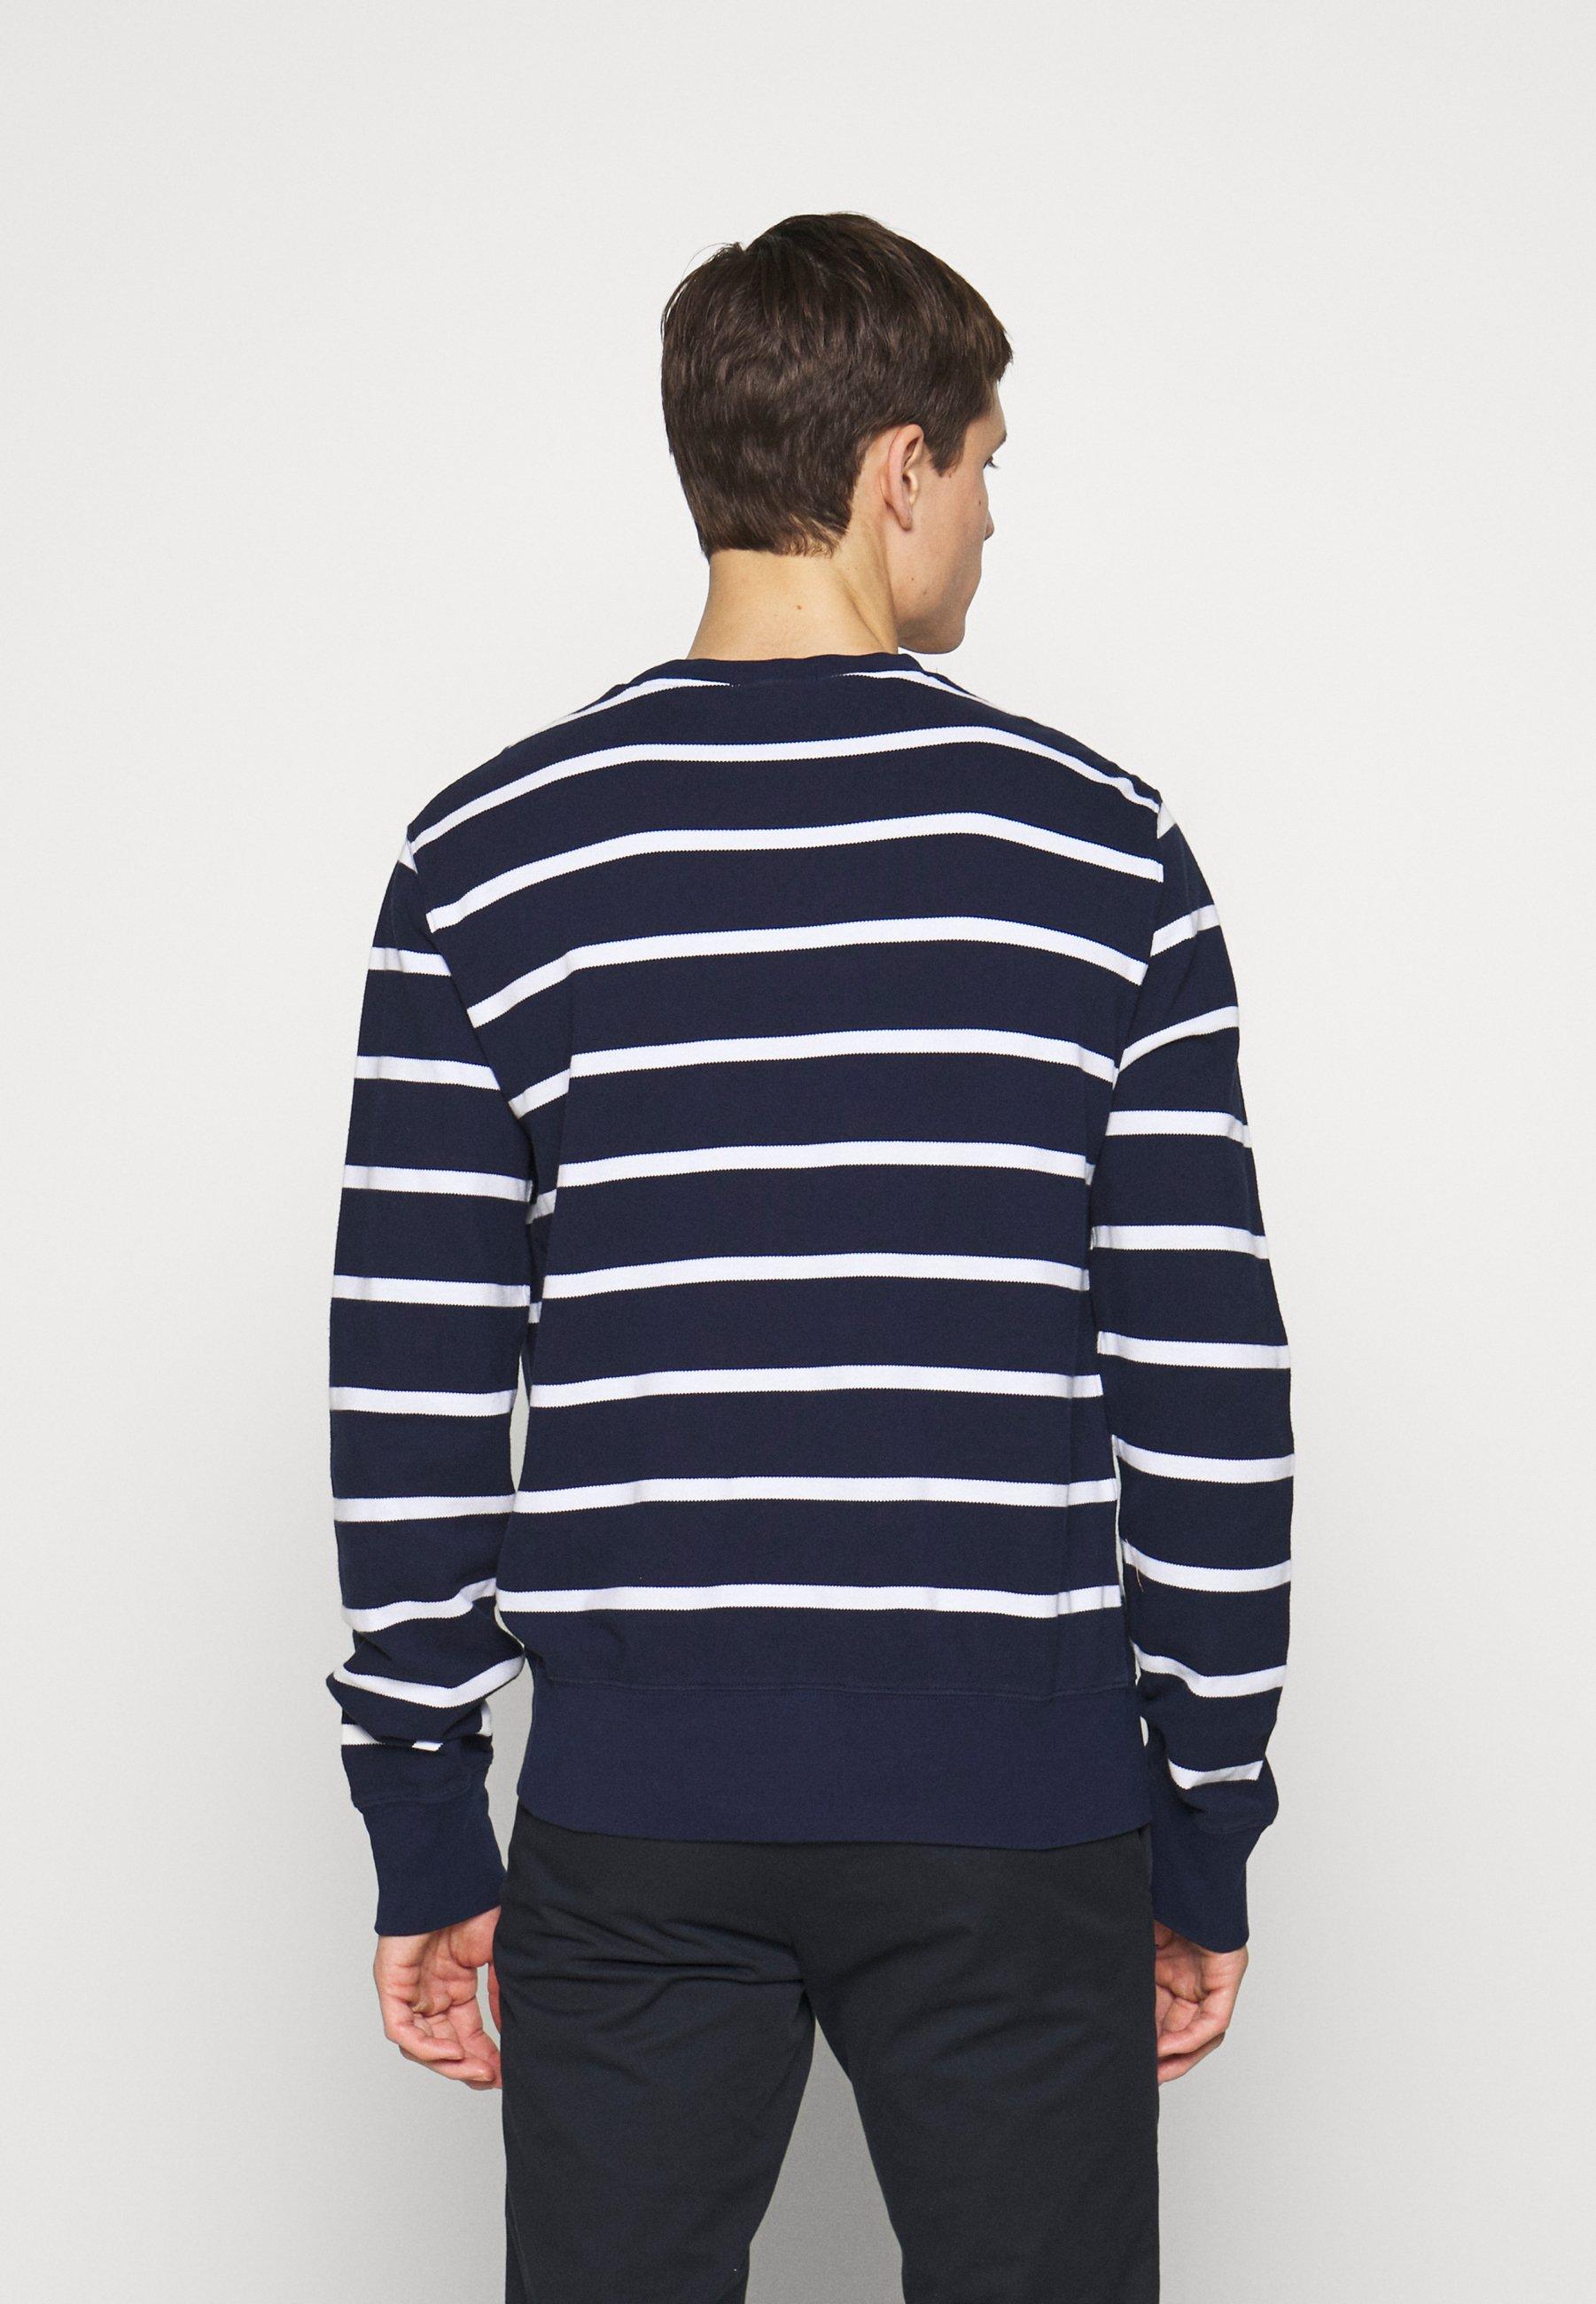 Pepe Jeans CARLO - Stickad tröja - deepsea blau/mörkblå - Herr Vinterkläder jWtqi